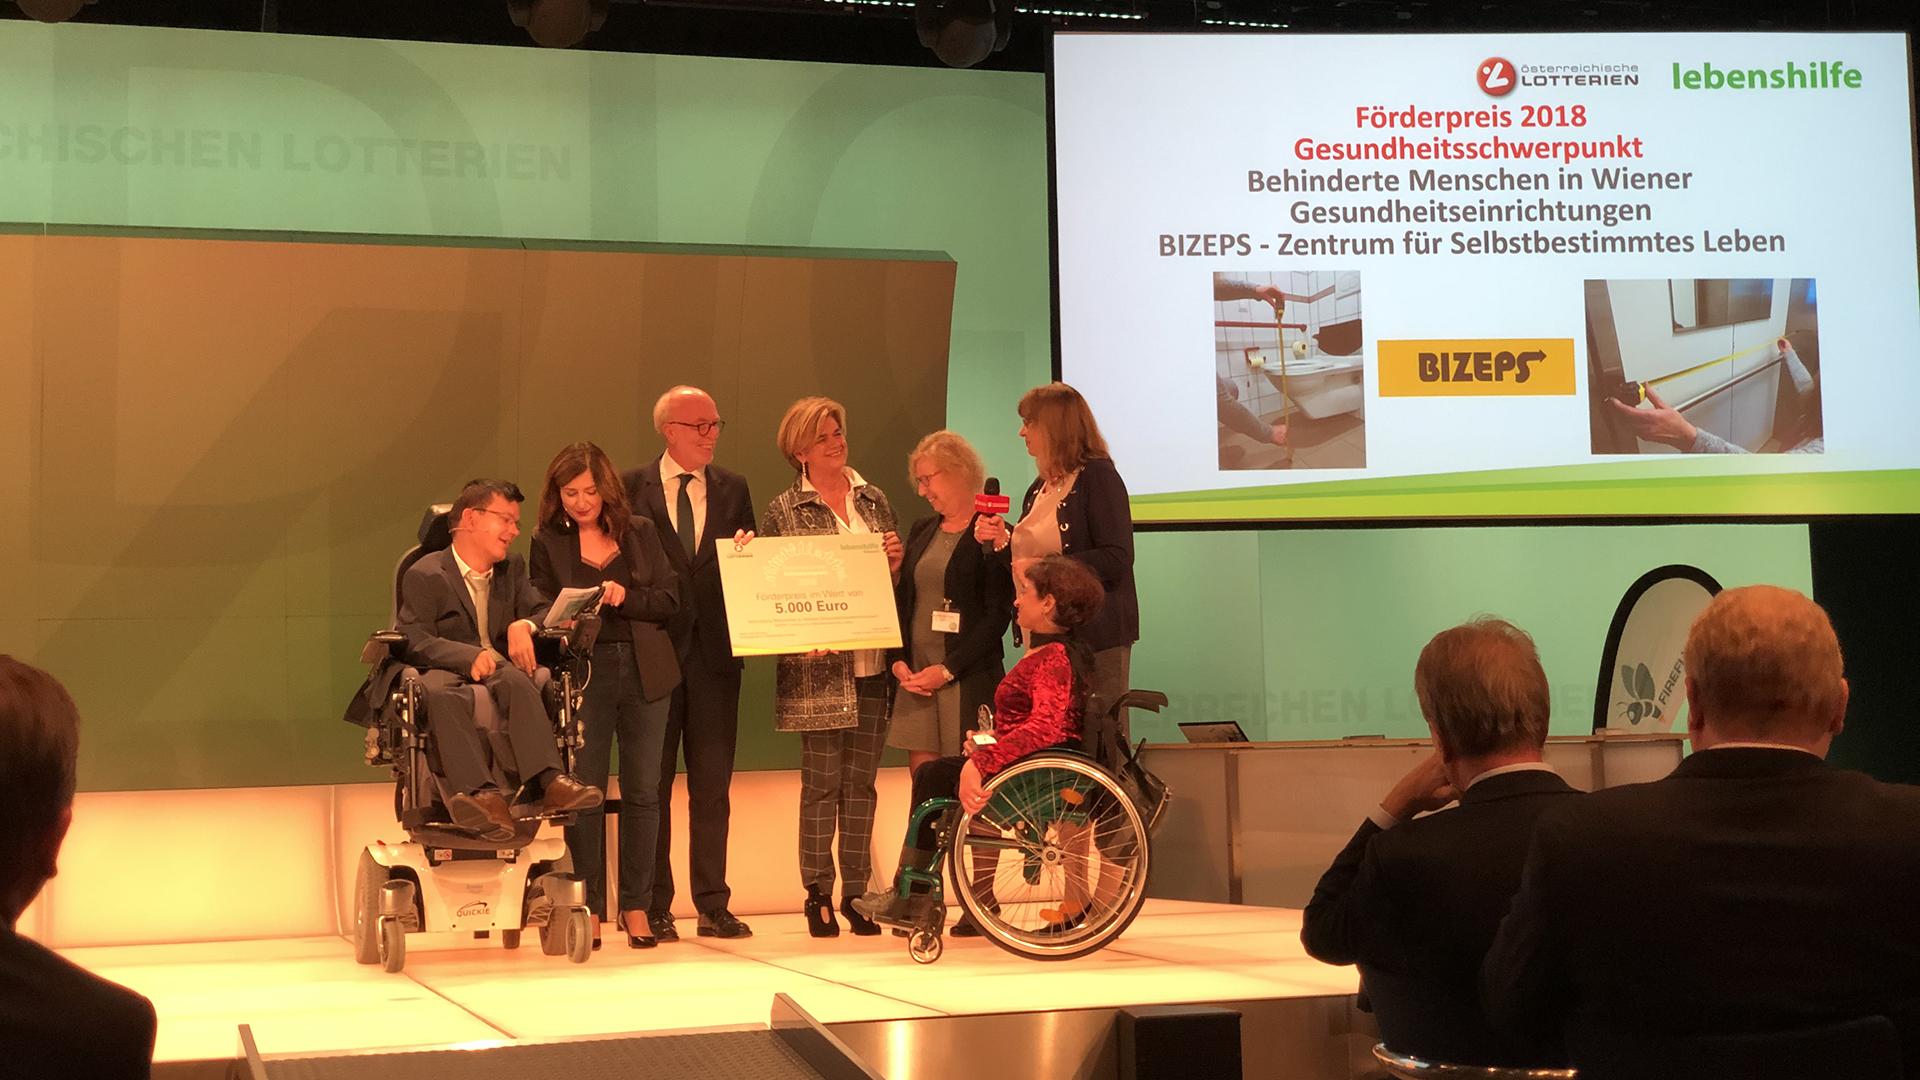 BIZEPS erhält Inklusionspreis 2018